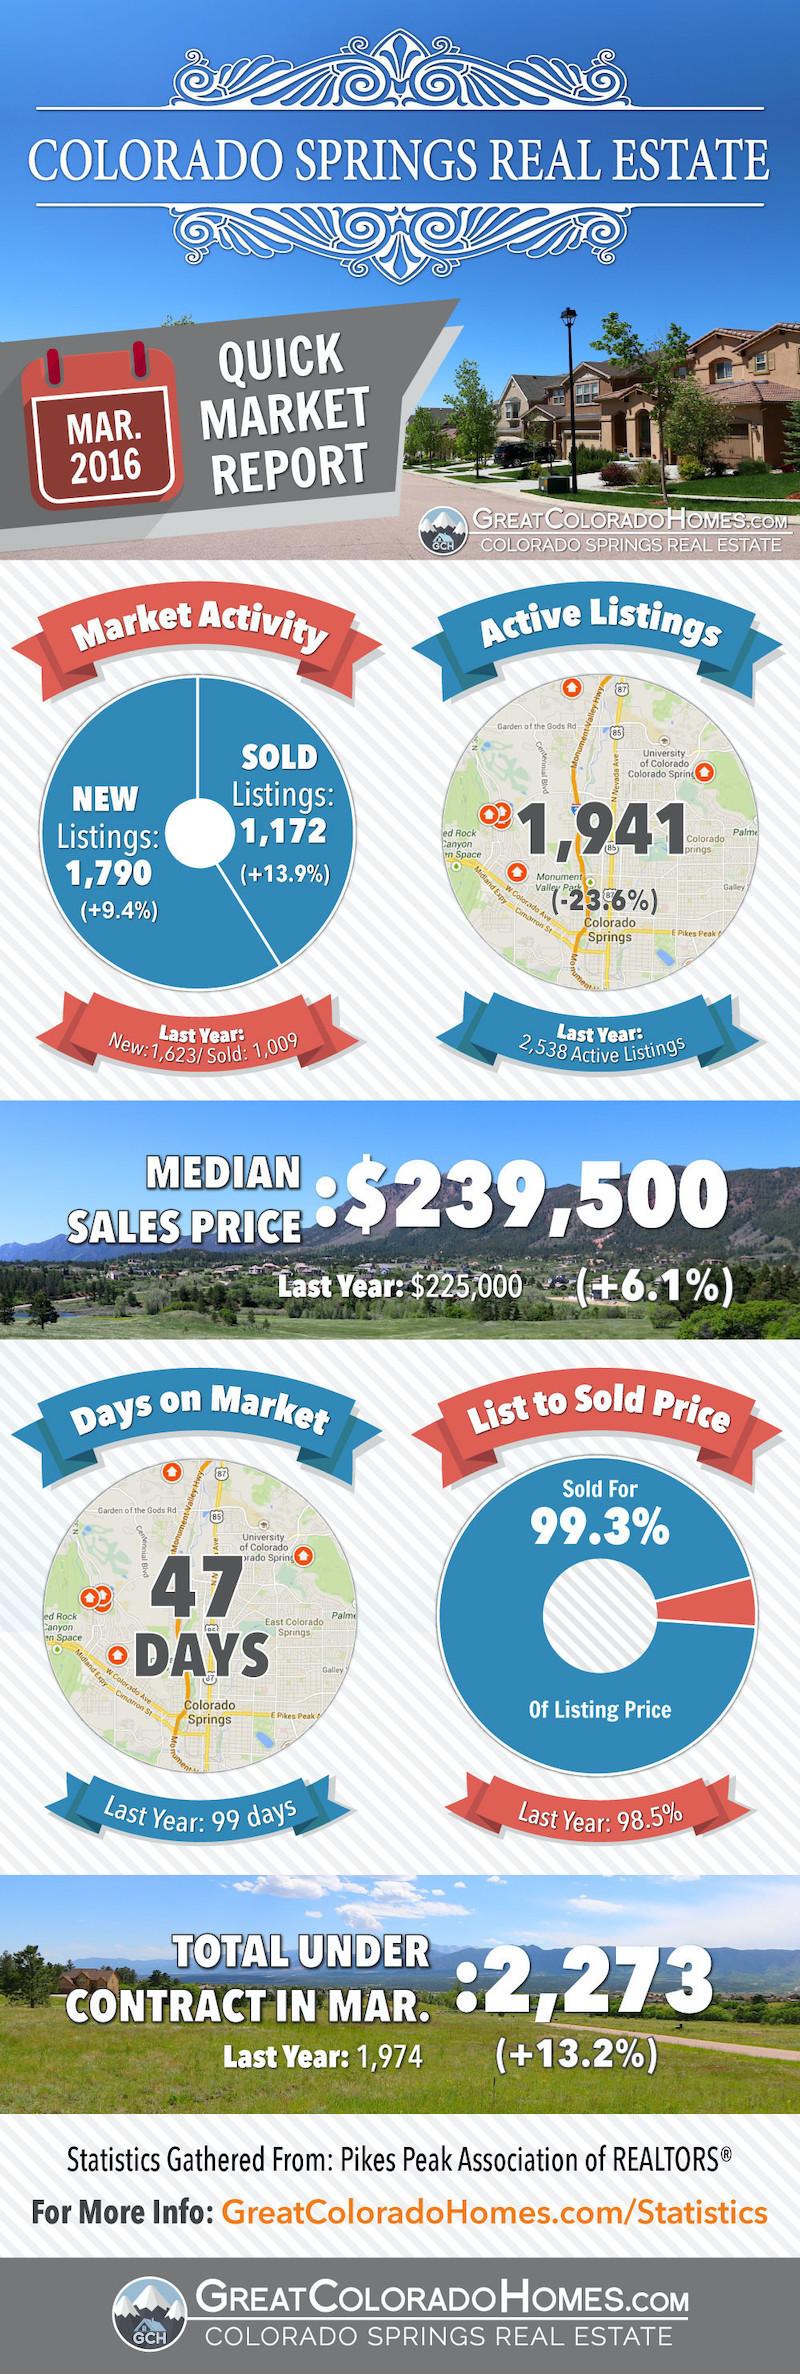 March 2016 Colorado Springs Real Estate Market Report